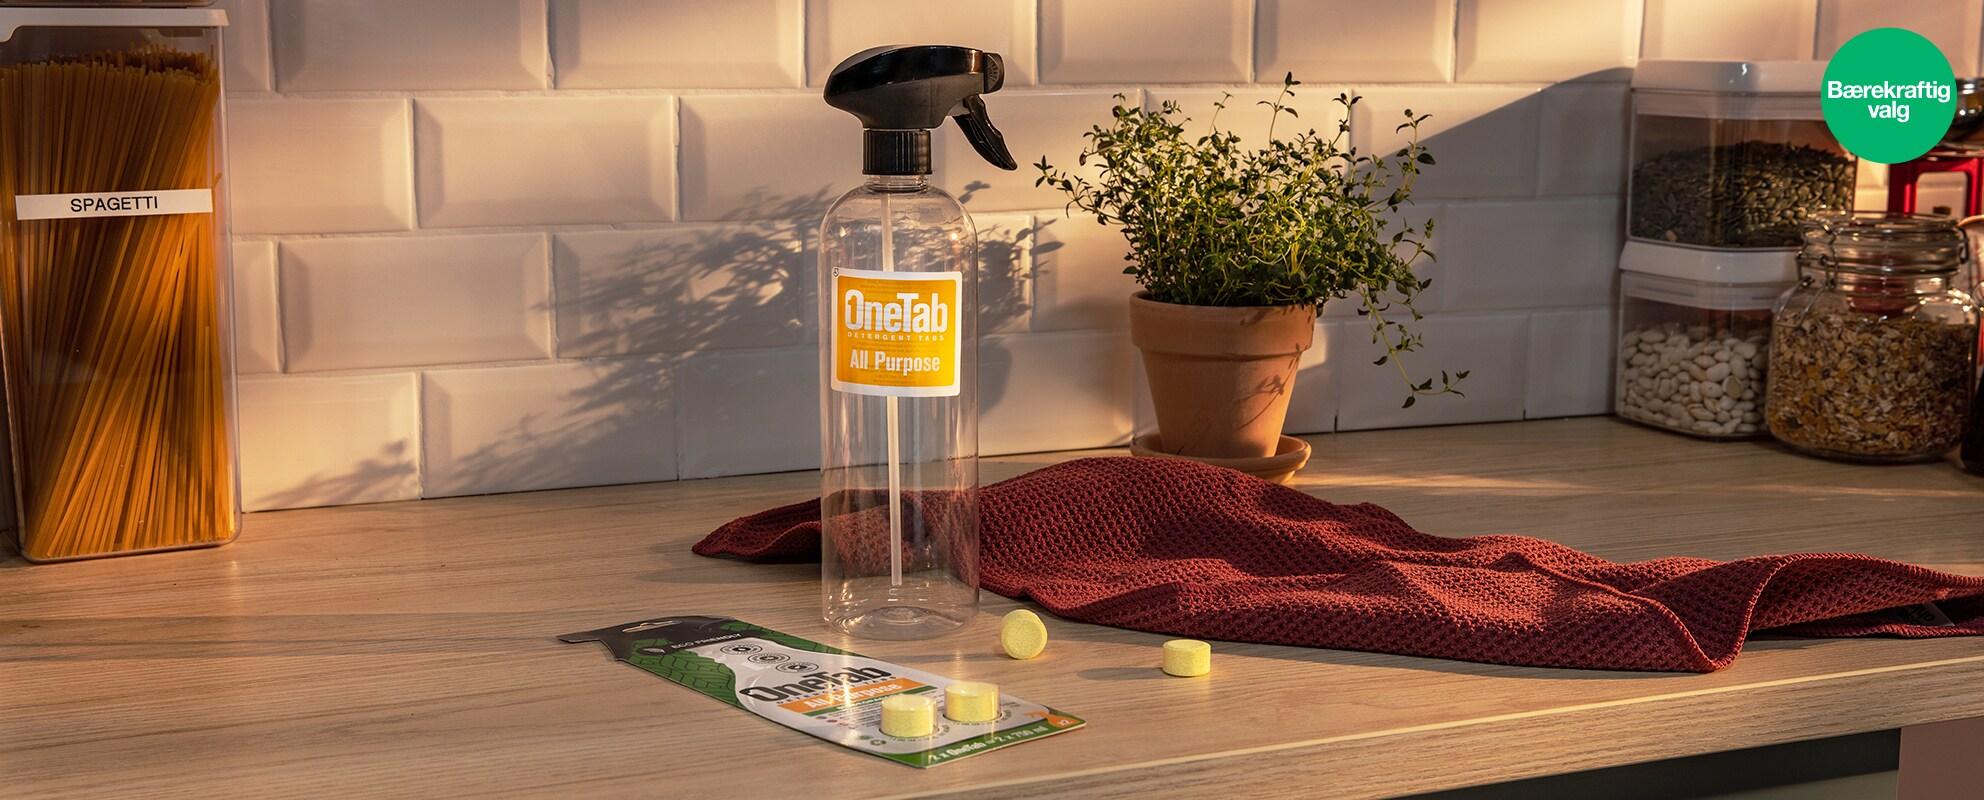 Bærekraftige produkter i kjøkkenet